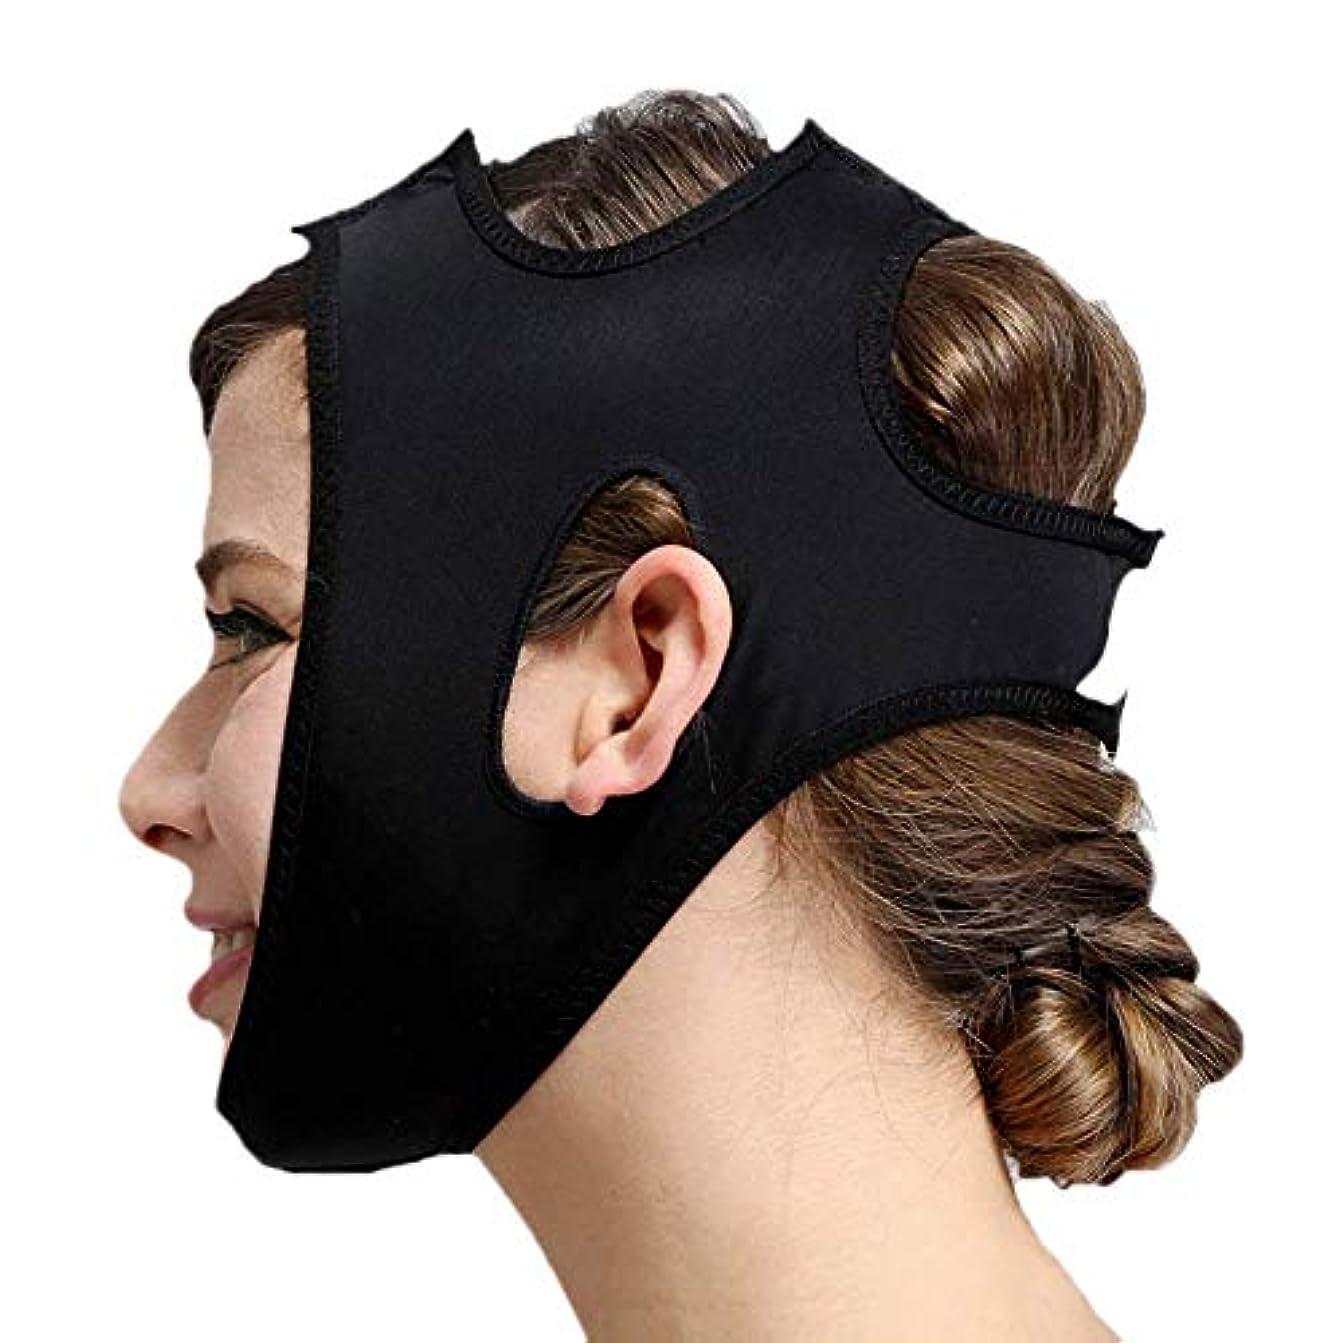 夫吐く分離するフェイススリミングマスク、快適さと通気性、フェイシャルリフティング、輪郭の改善された硬さ、ファーミングとリフティングフェイス(カラー:ブラック、サイズ:XL),黒、M